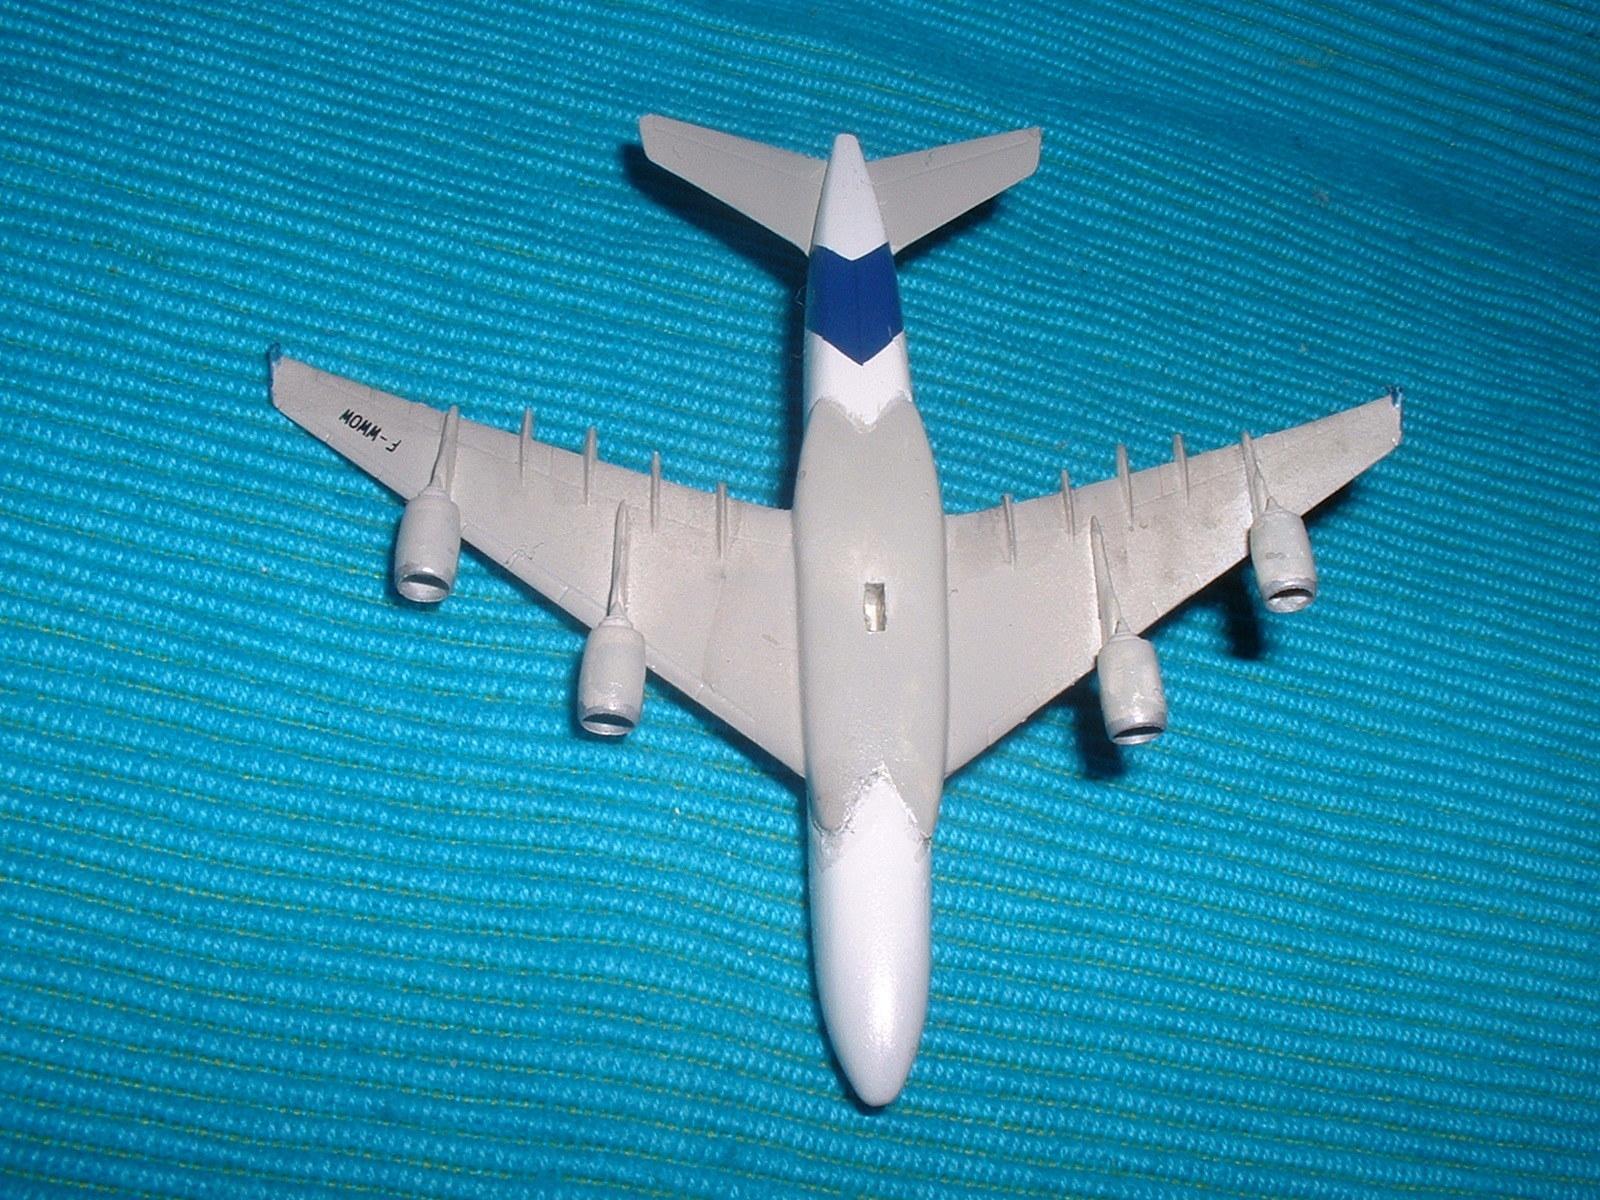 エレール 800分の1「エアバスA380 」その6.JPG